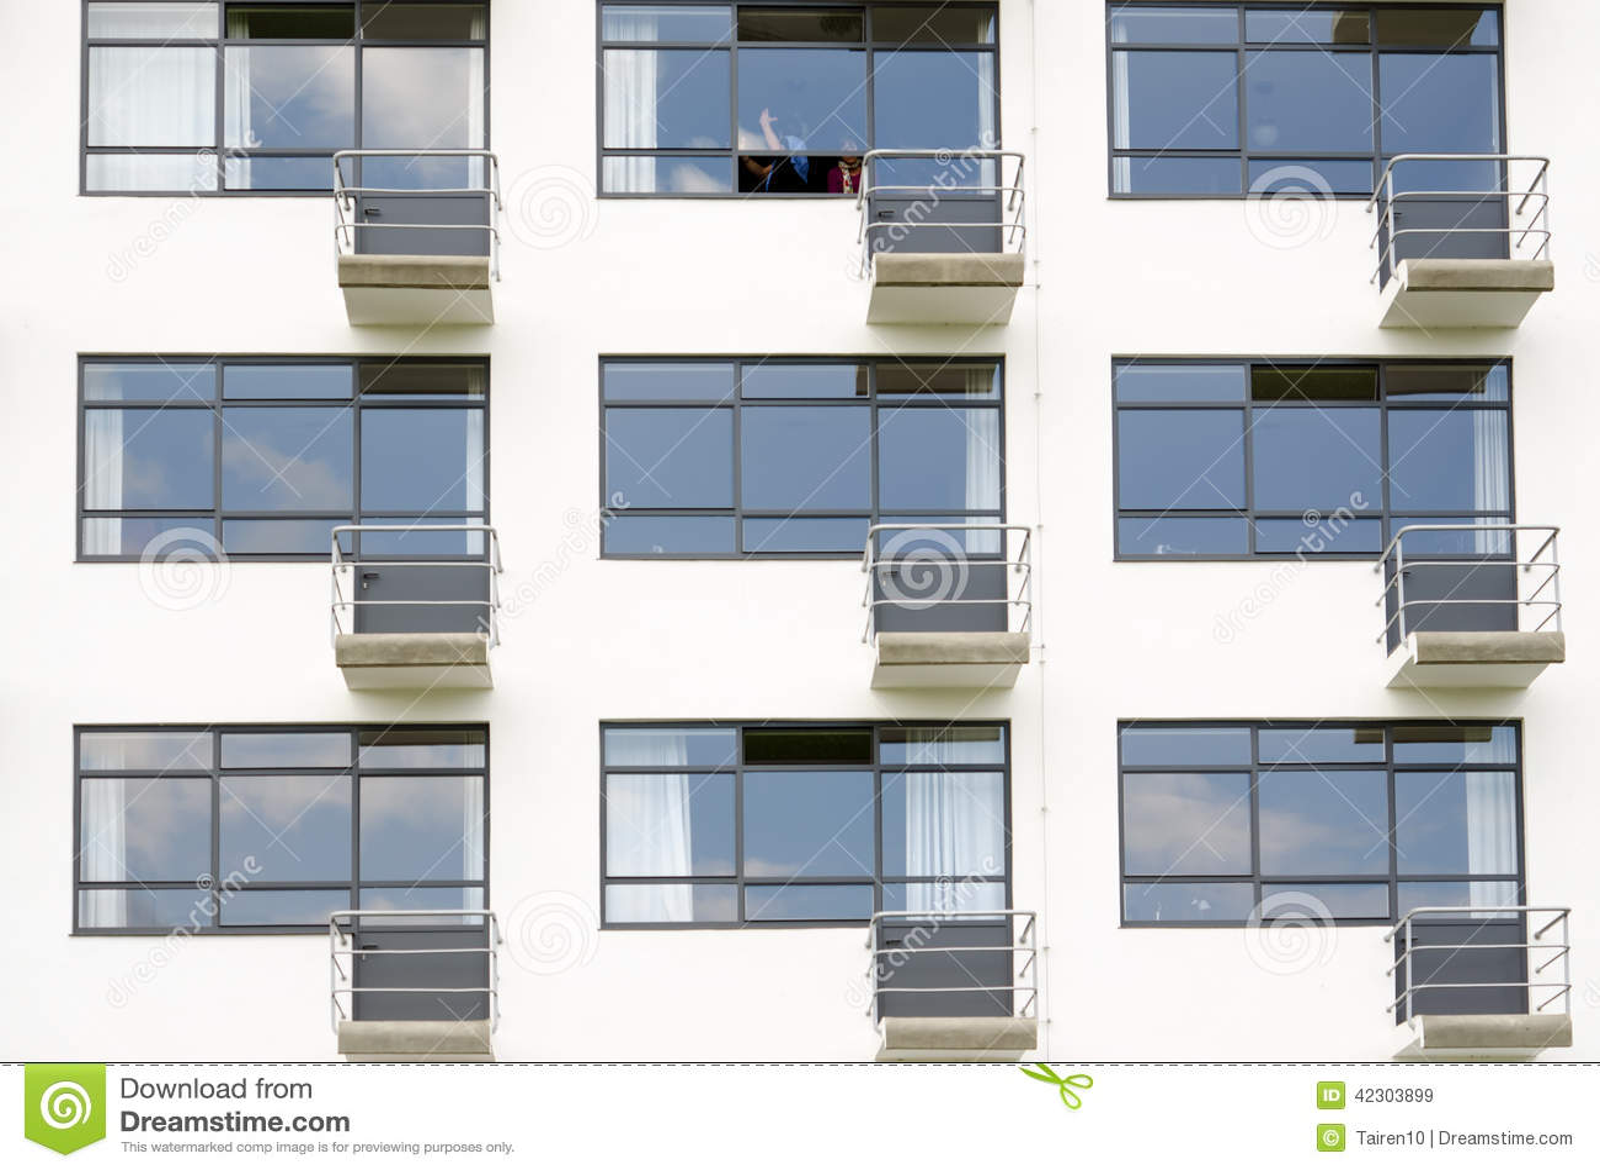 Facade with balconies stock photo image 42303899 for Pisos para balcones exteriores